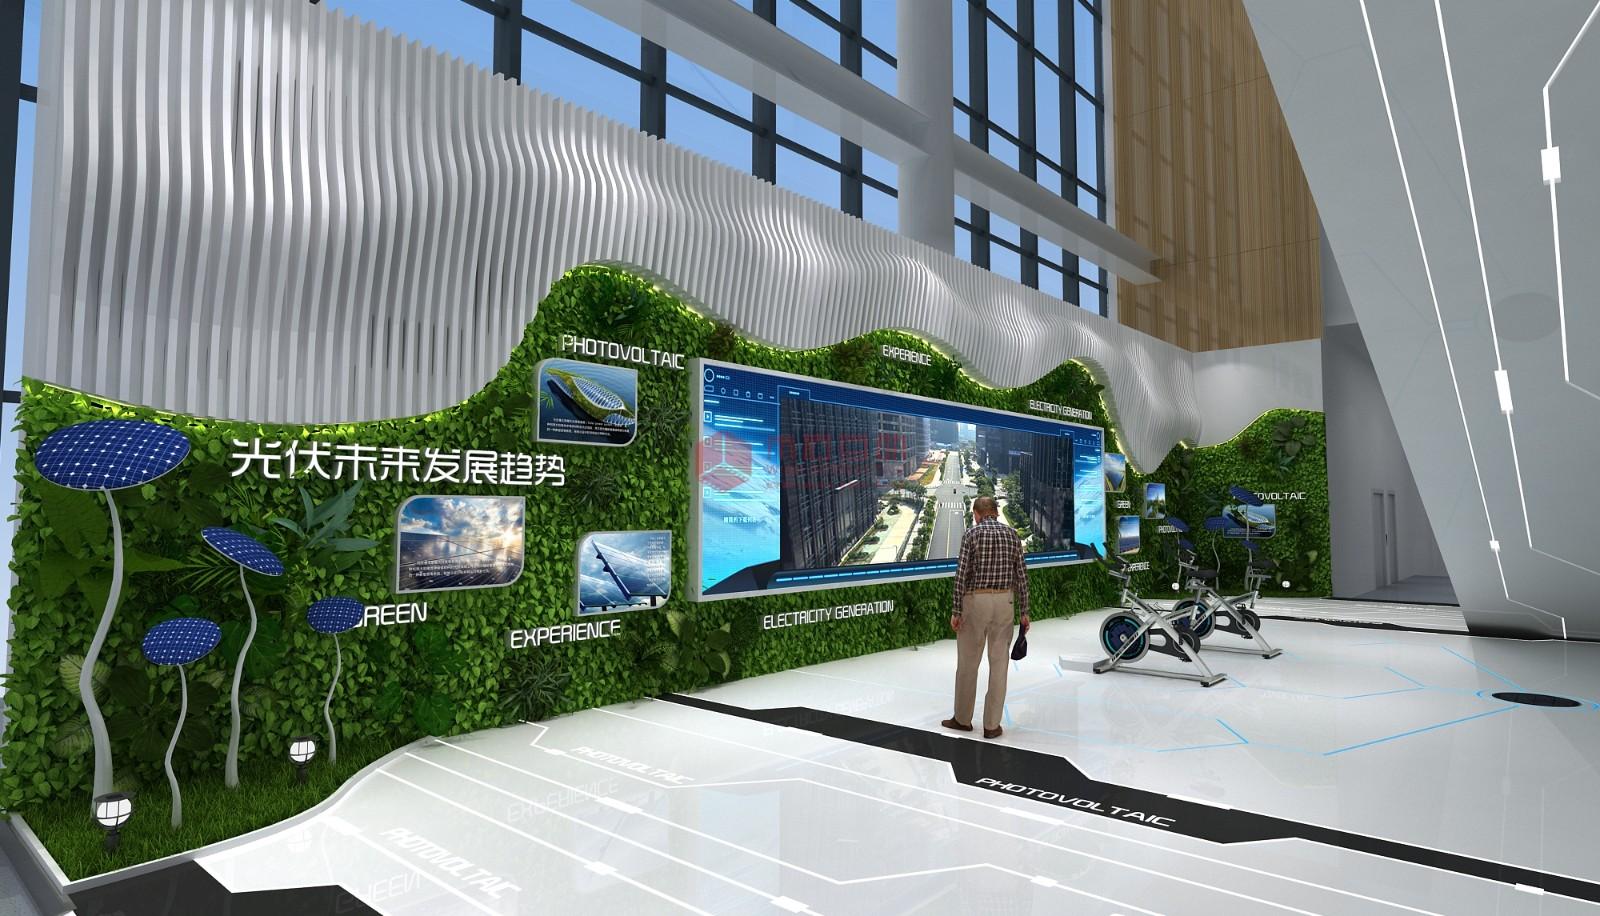 四川专用科技馆的用途和特点 创造辉煌 未石互动科技供应